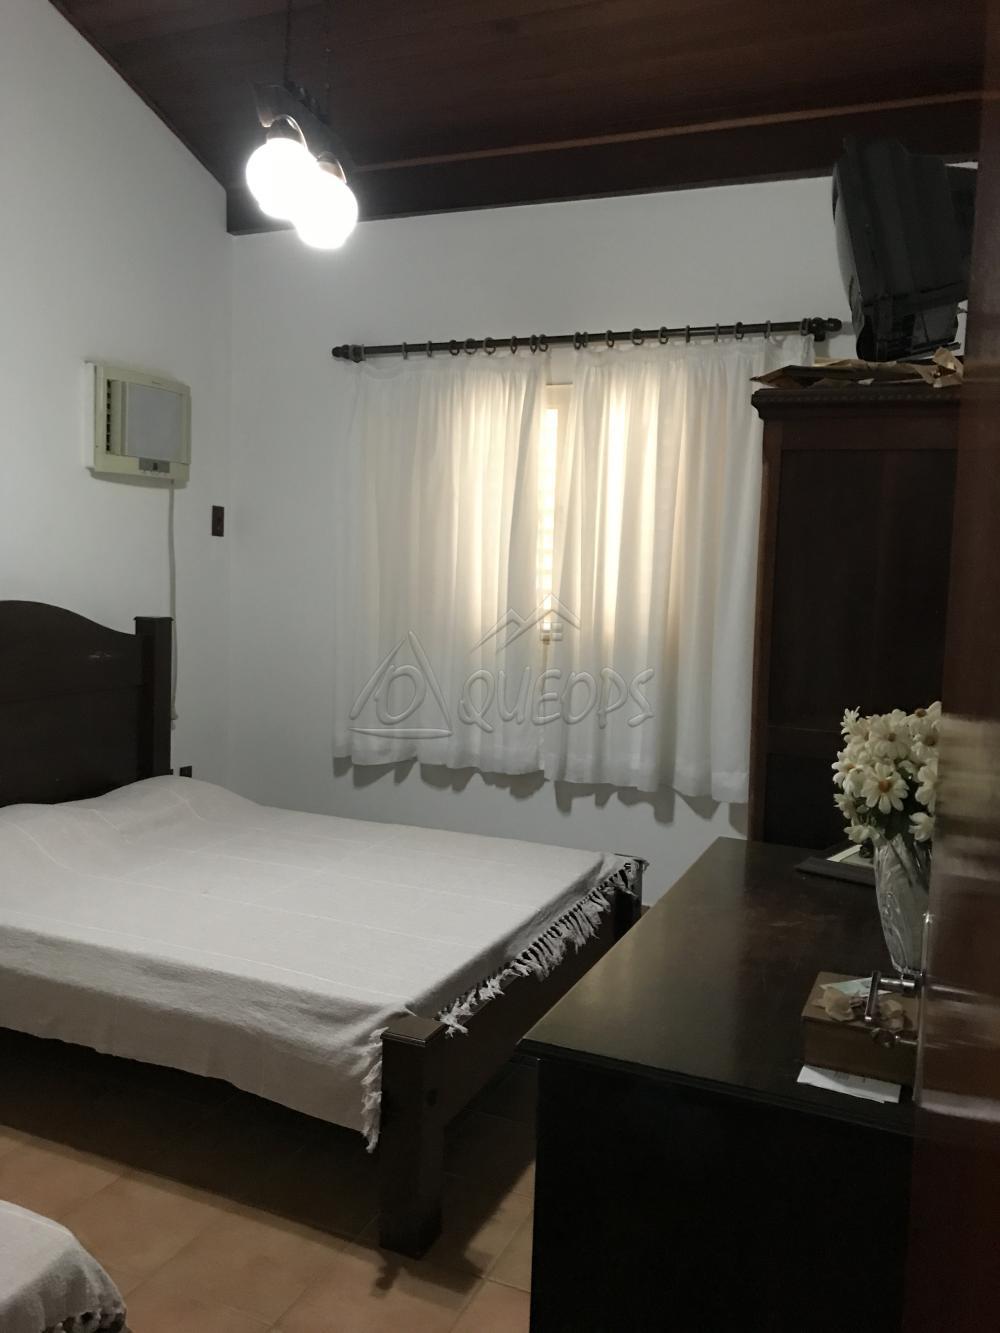 Comprar Casa / Padrão em Barretos R$ 490.000,00 - Foto 16